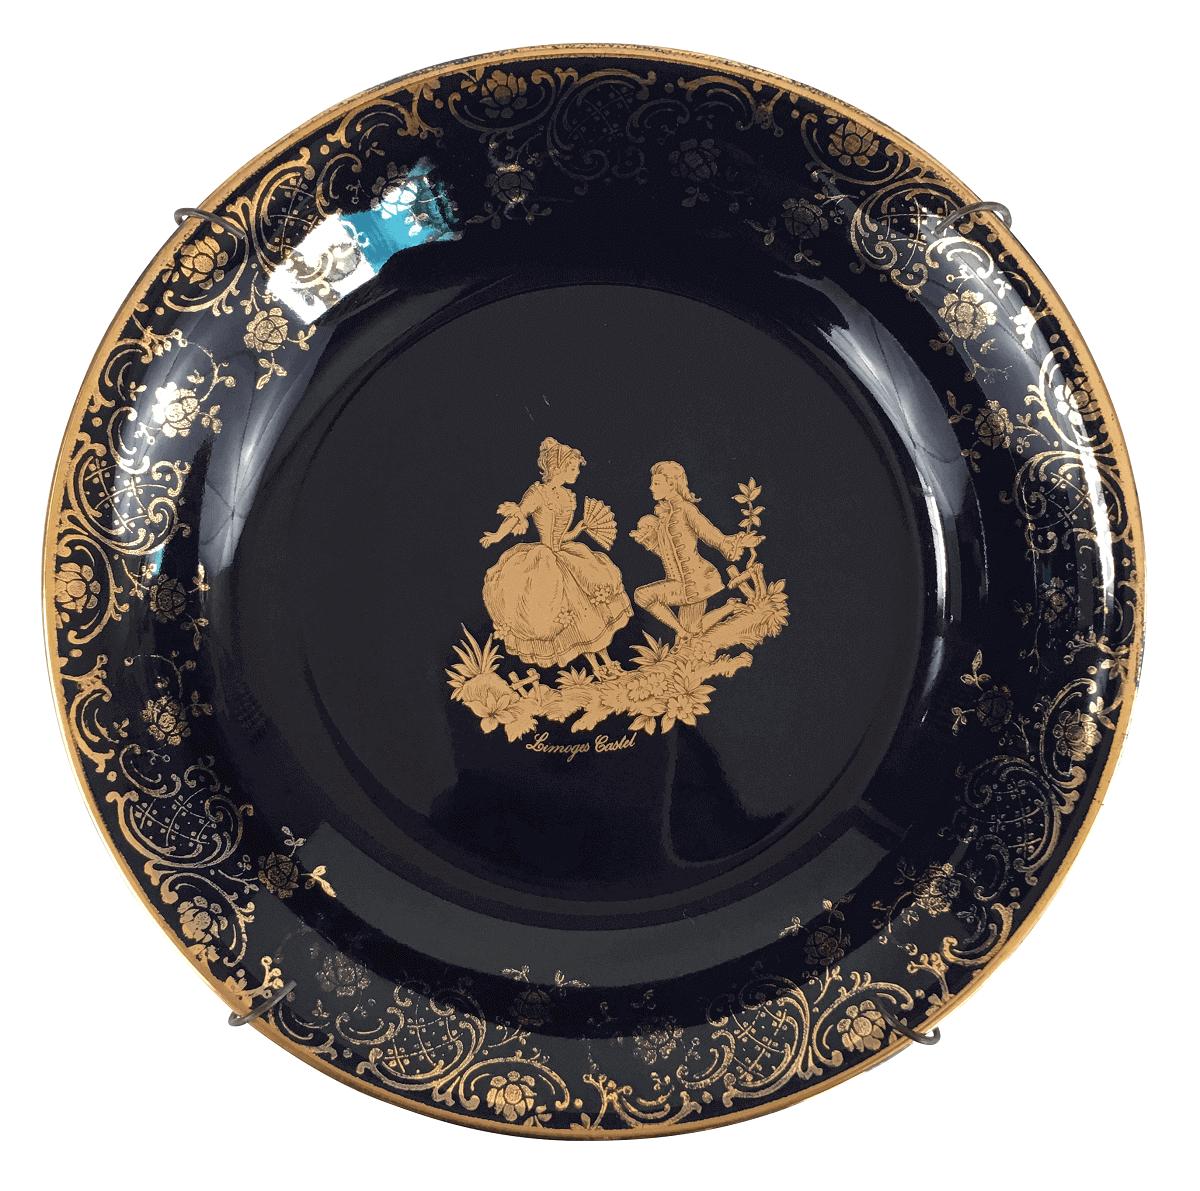 Belo Pratinho Decorativo Azul Com Dourado Porcelana Limoges